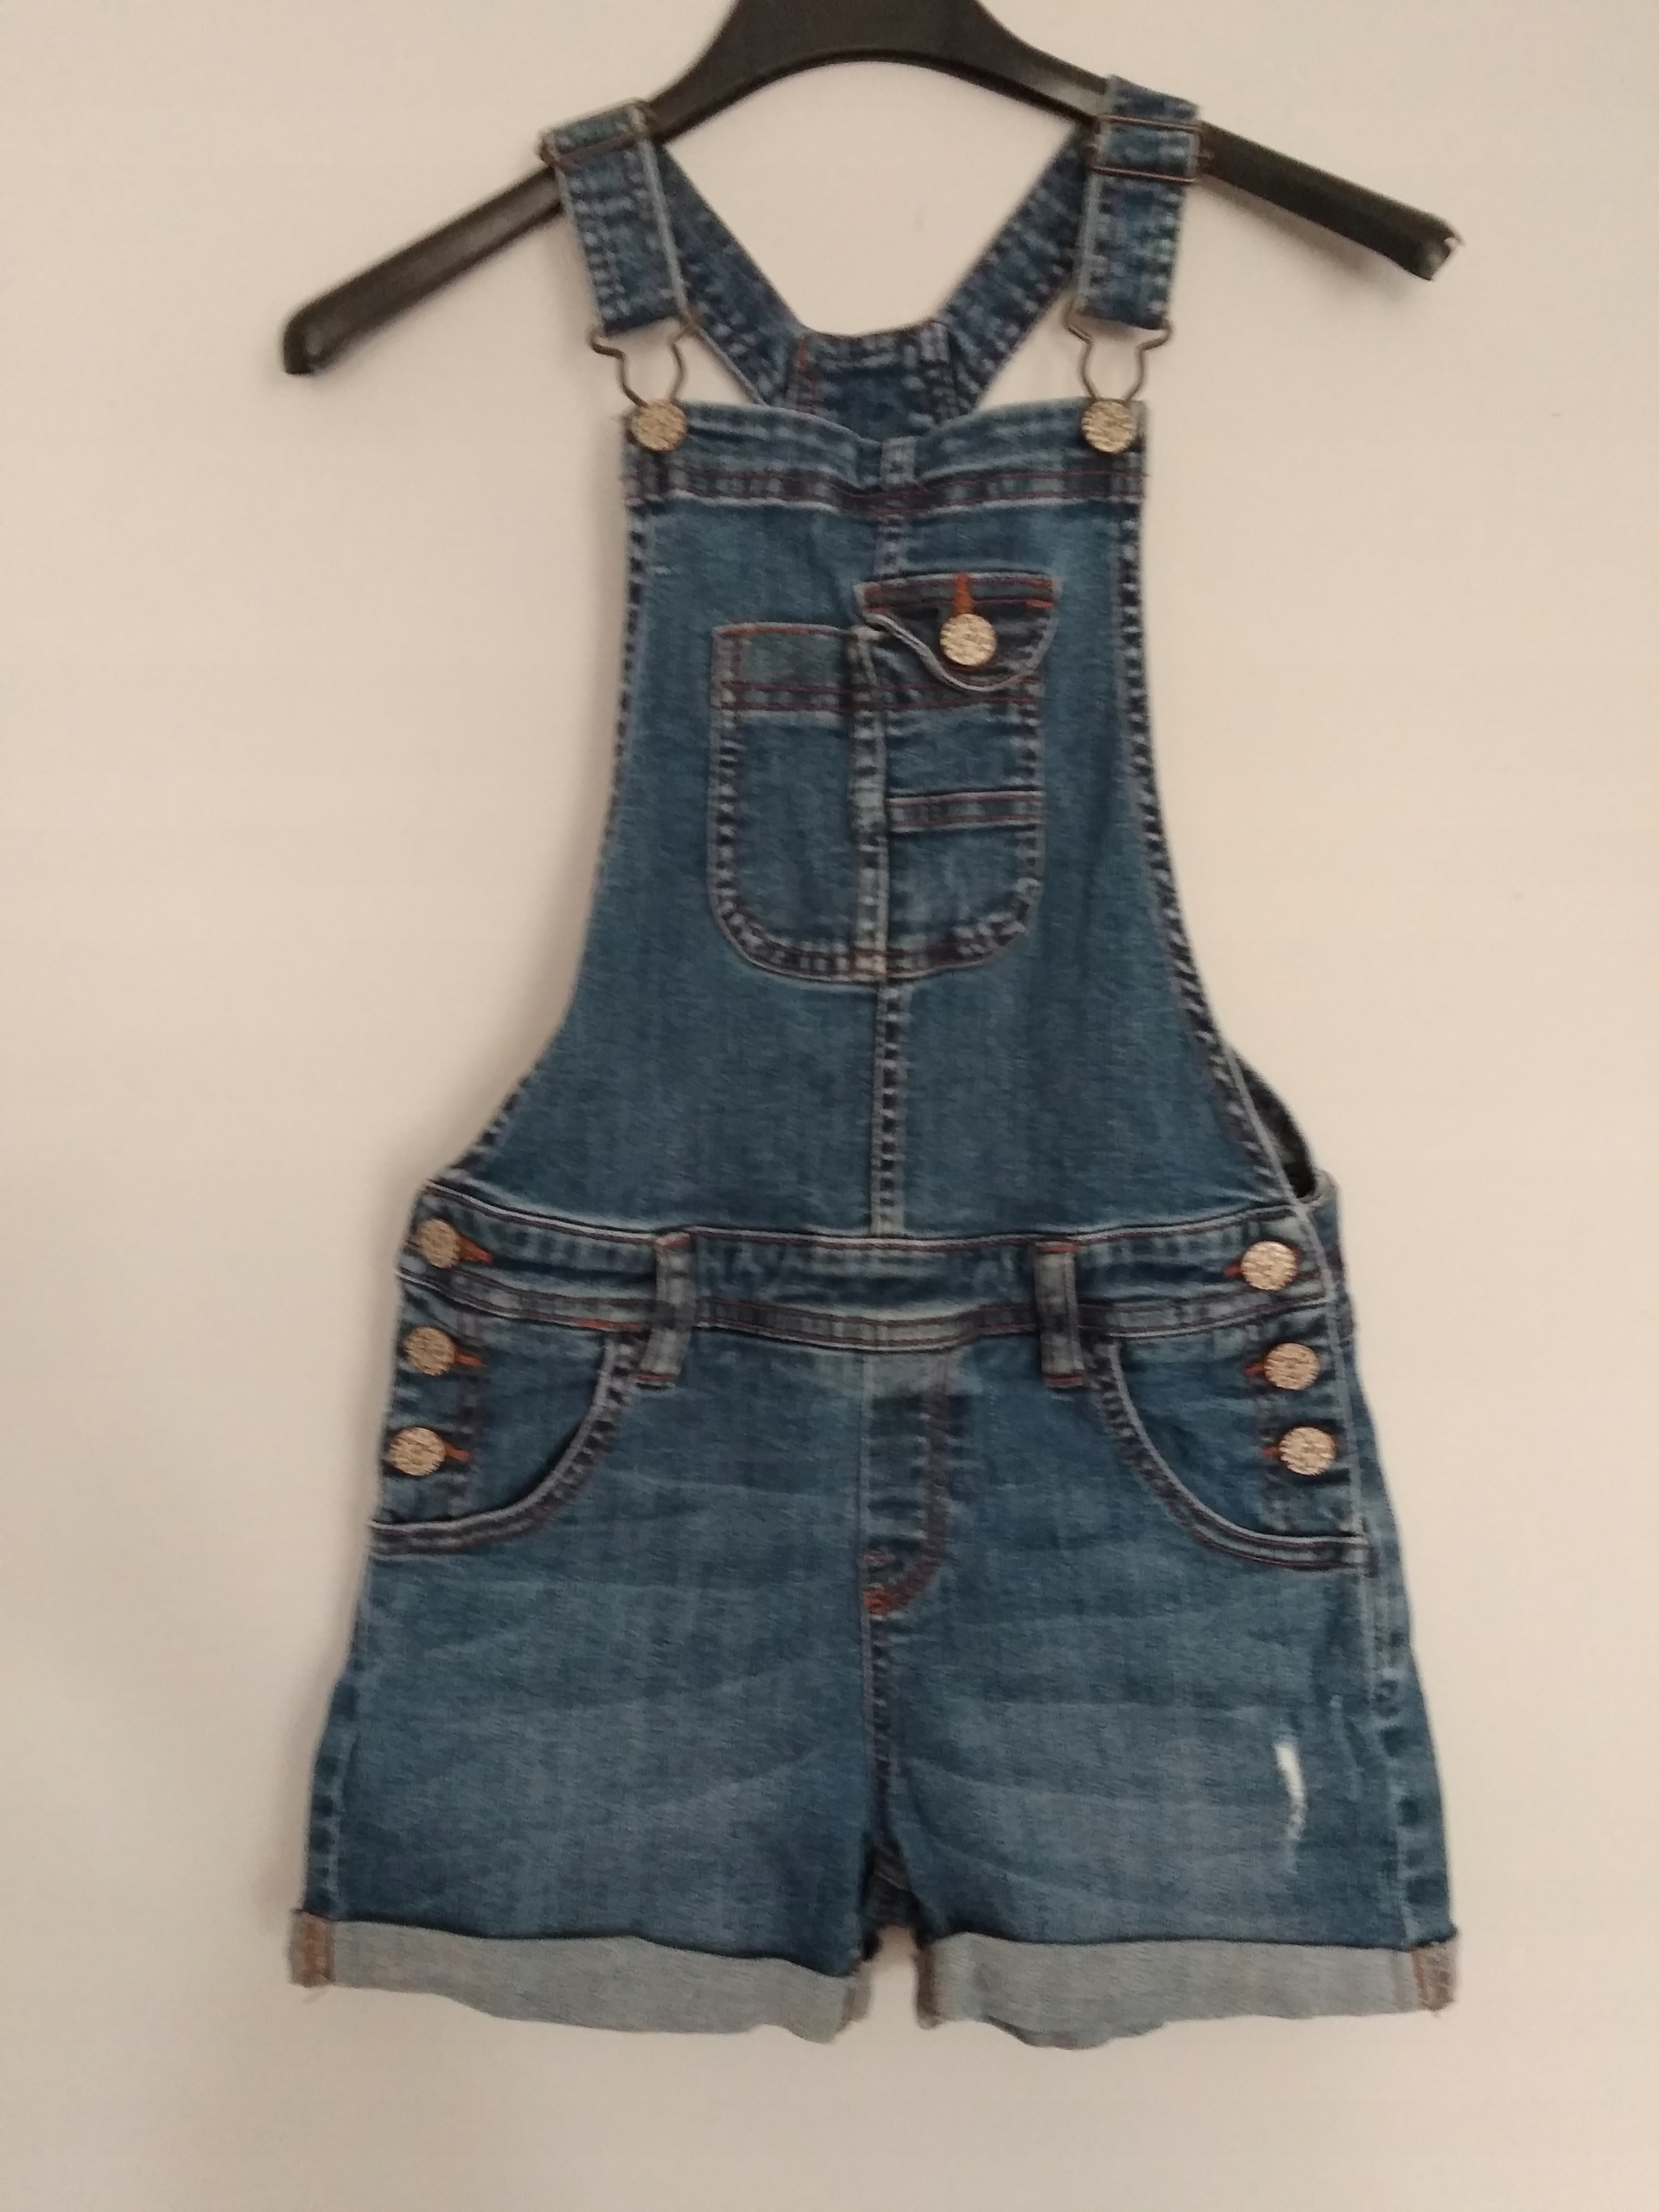 M&S Spodenki ogrodniczki jeansowe roz 134